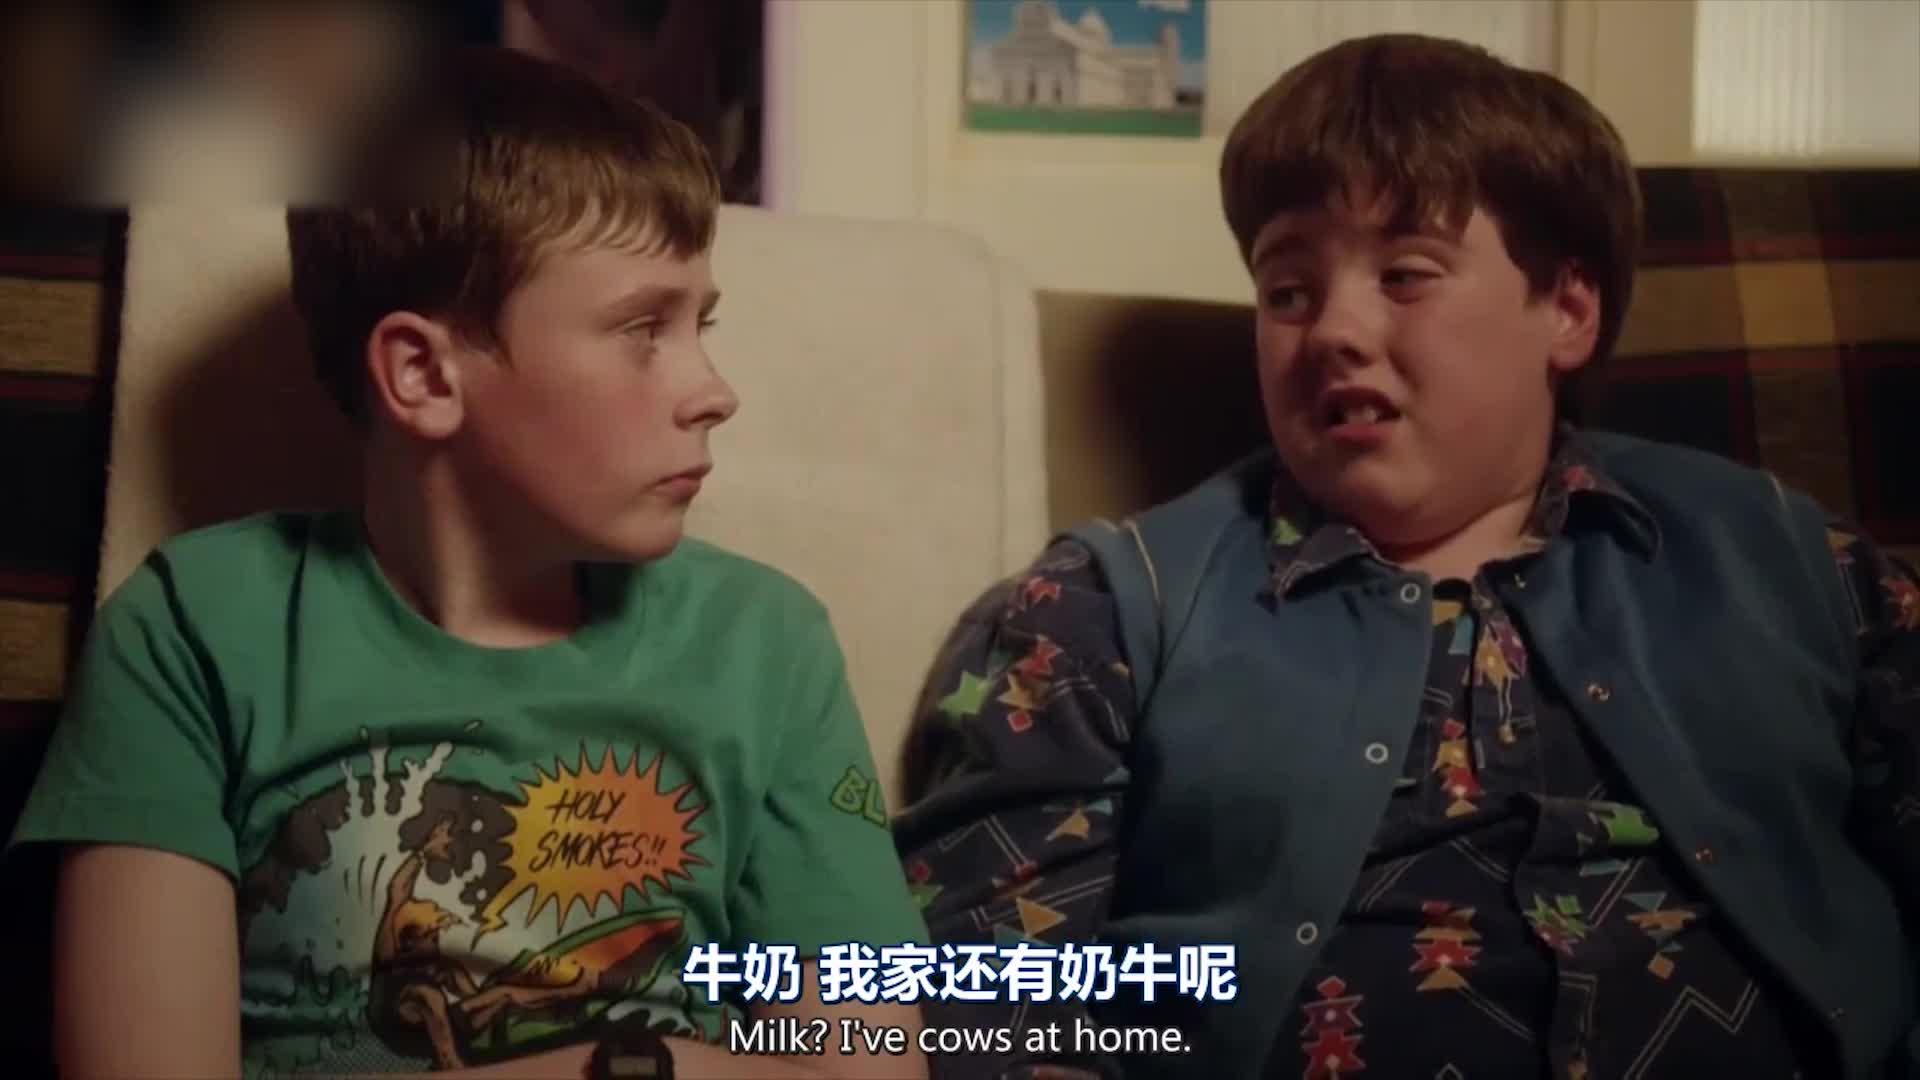 男孩子们到来叔叔家,觉得这里好神秘,家里好酷